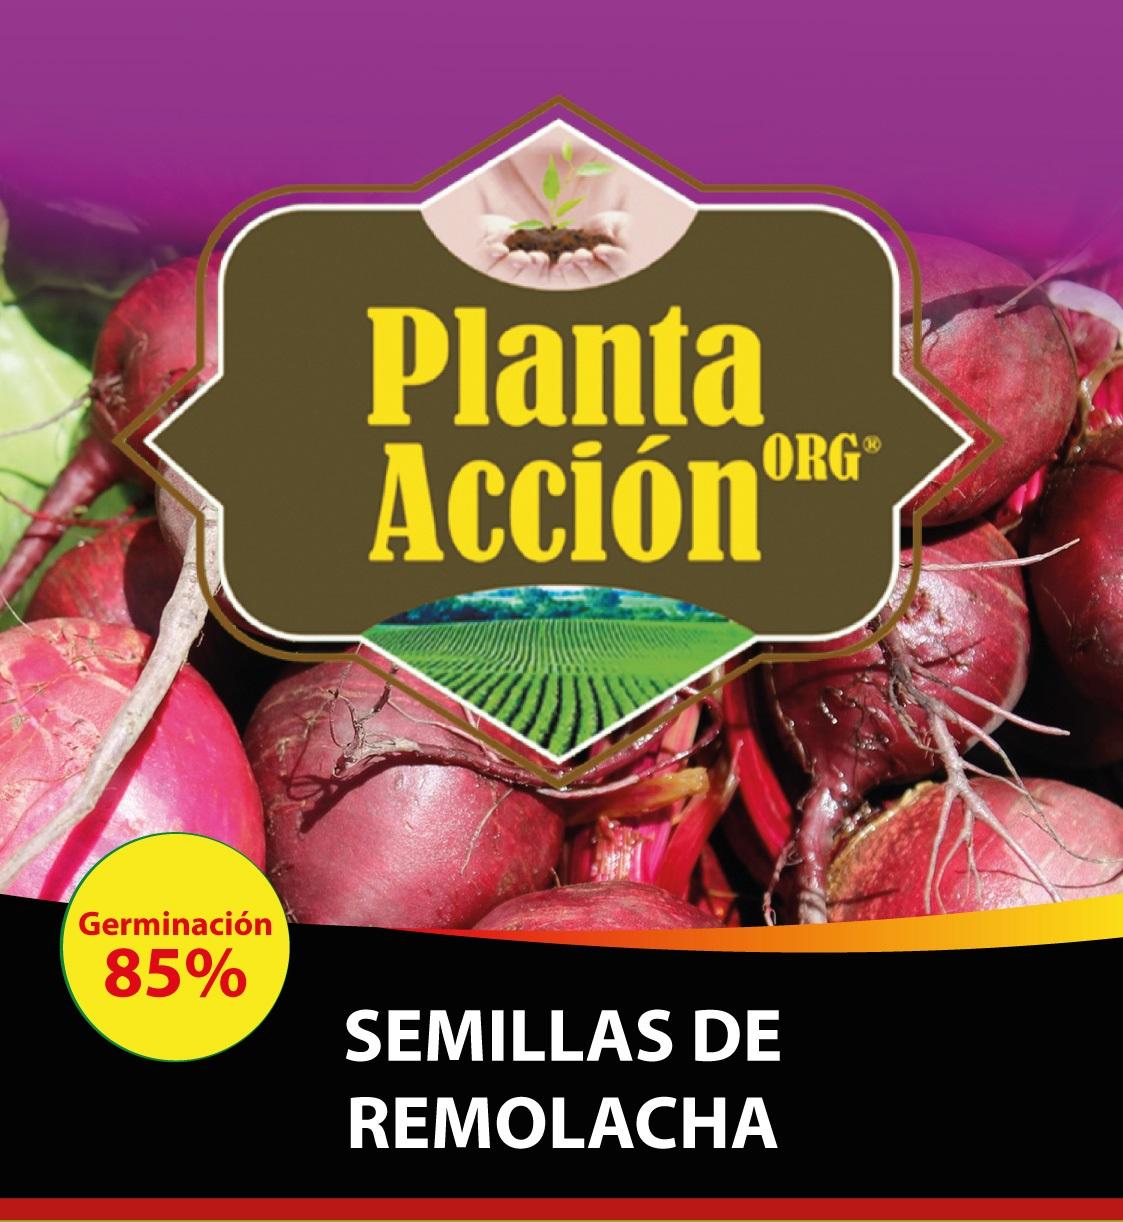 SEMILLAS DE REMOLACHA